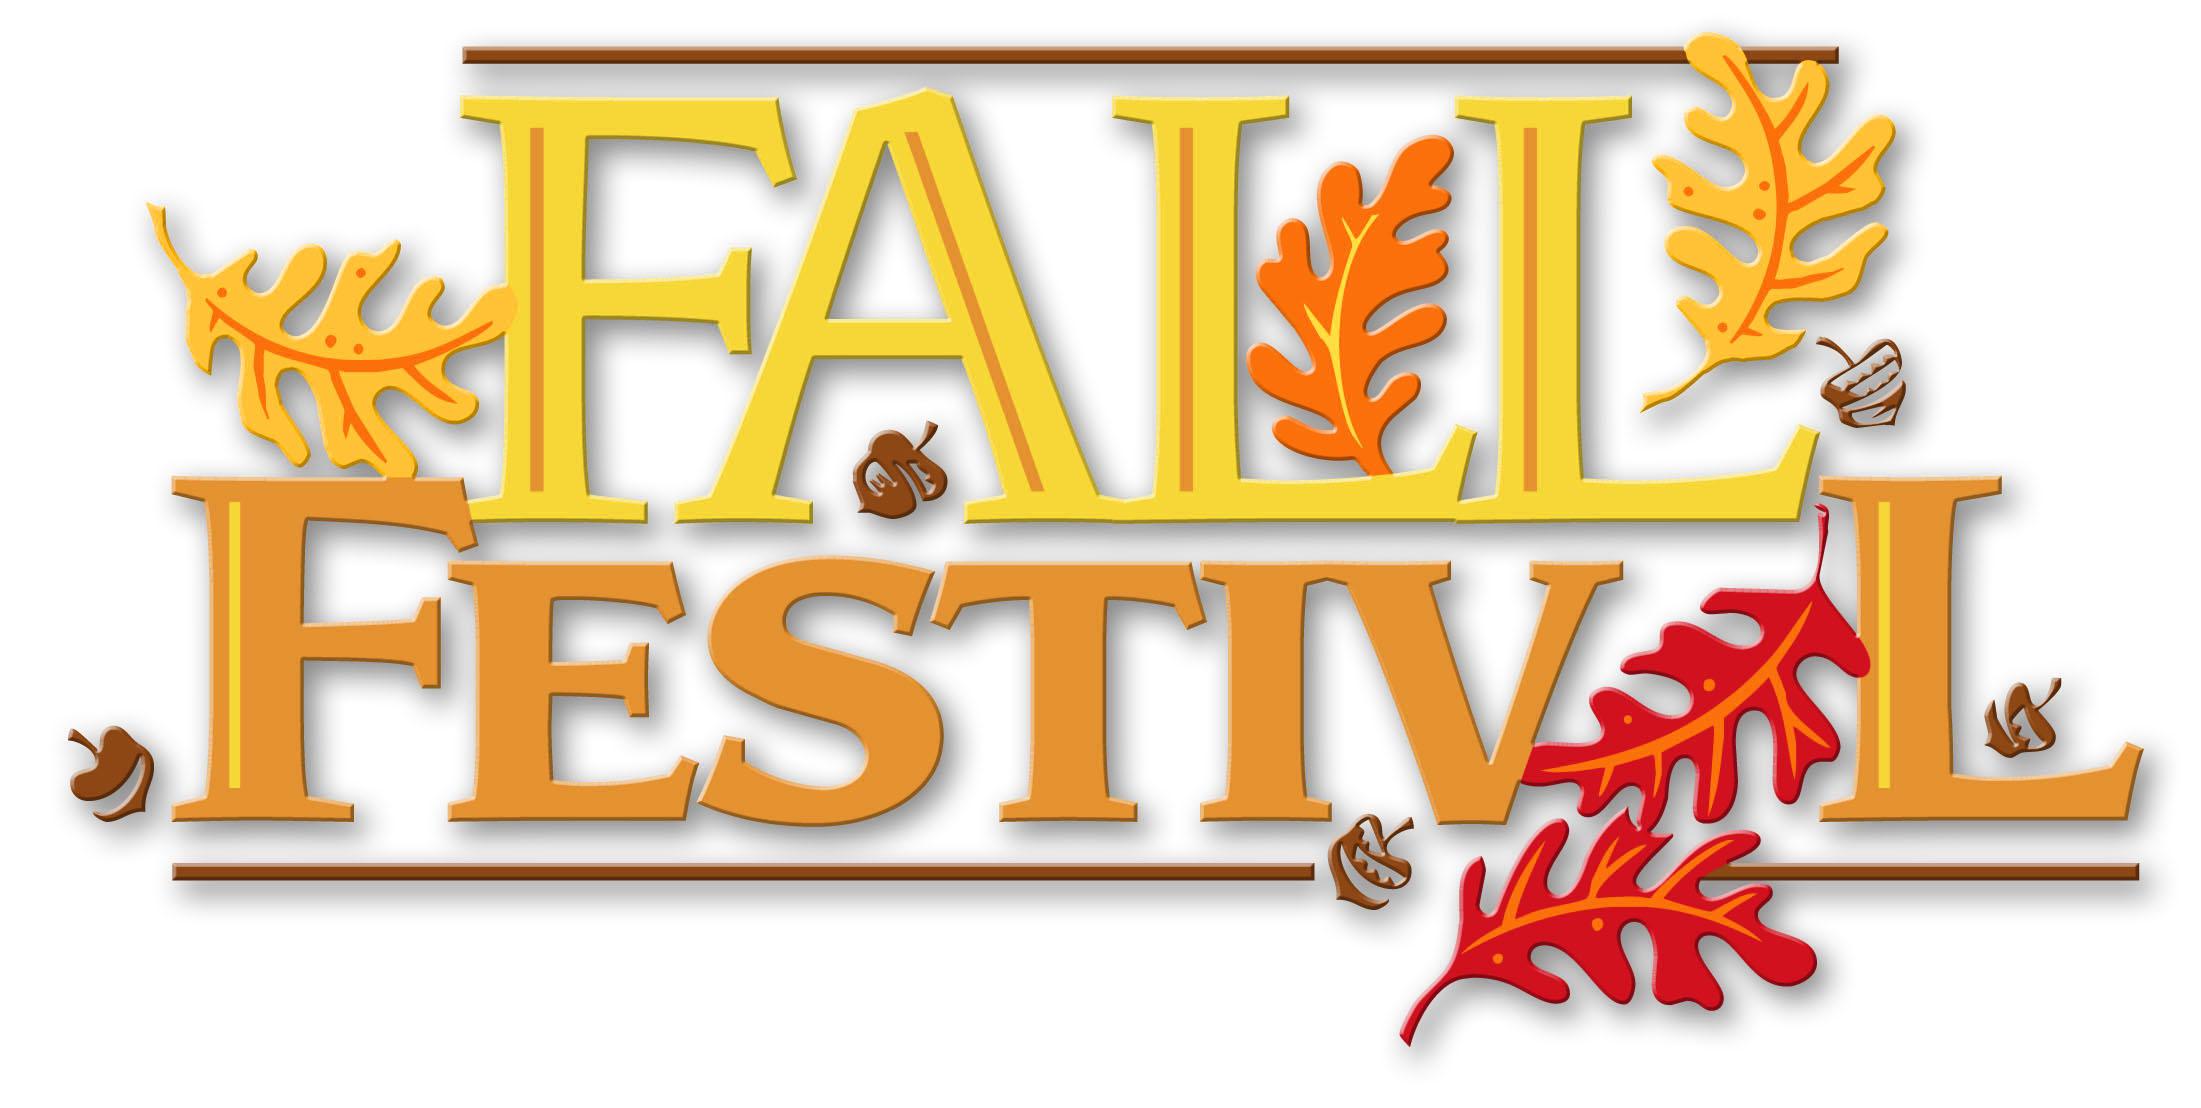 Parish festival clipart.